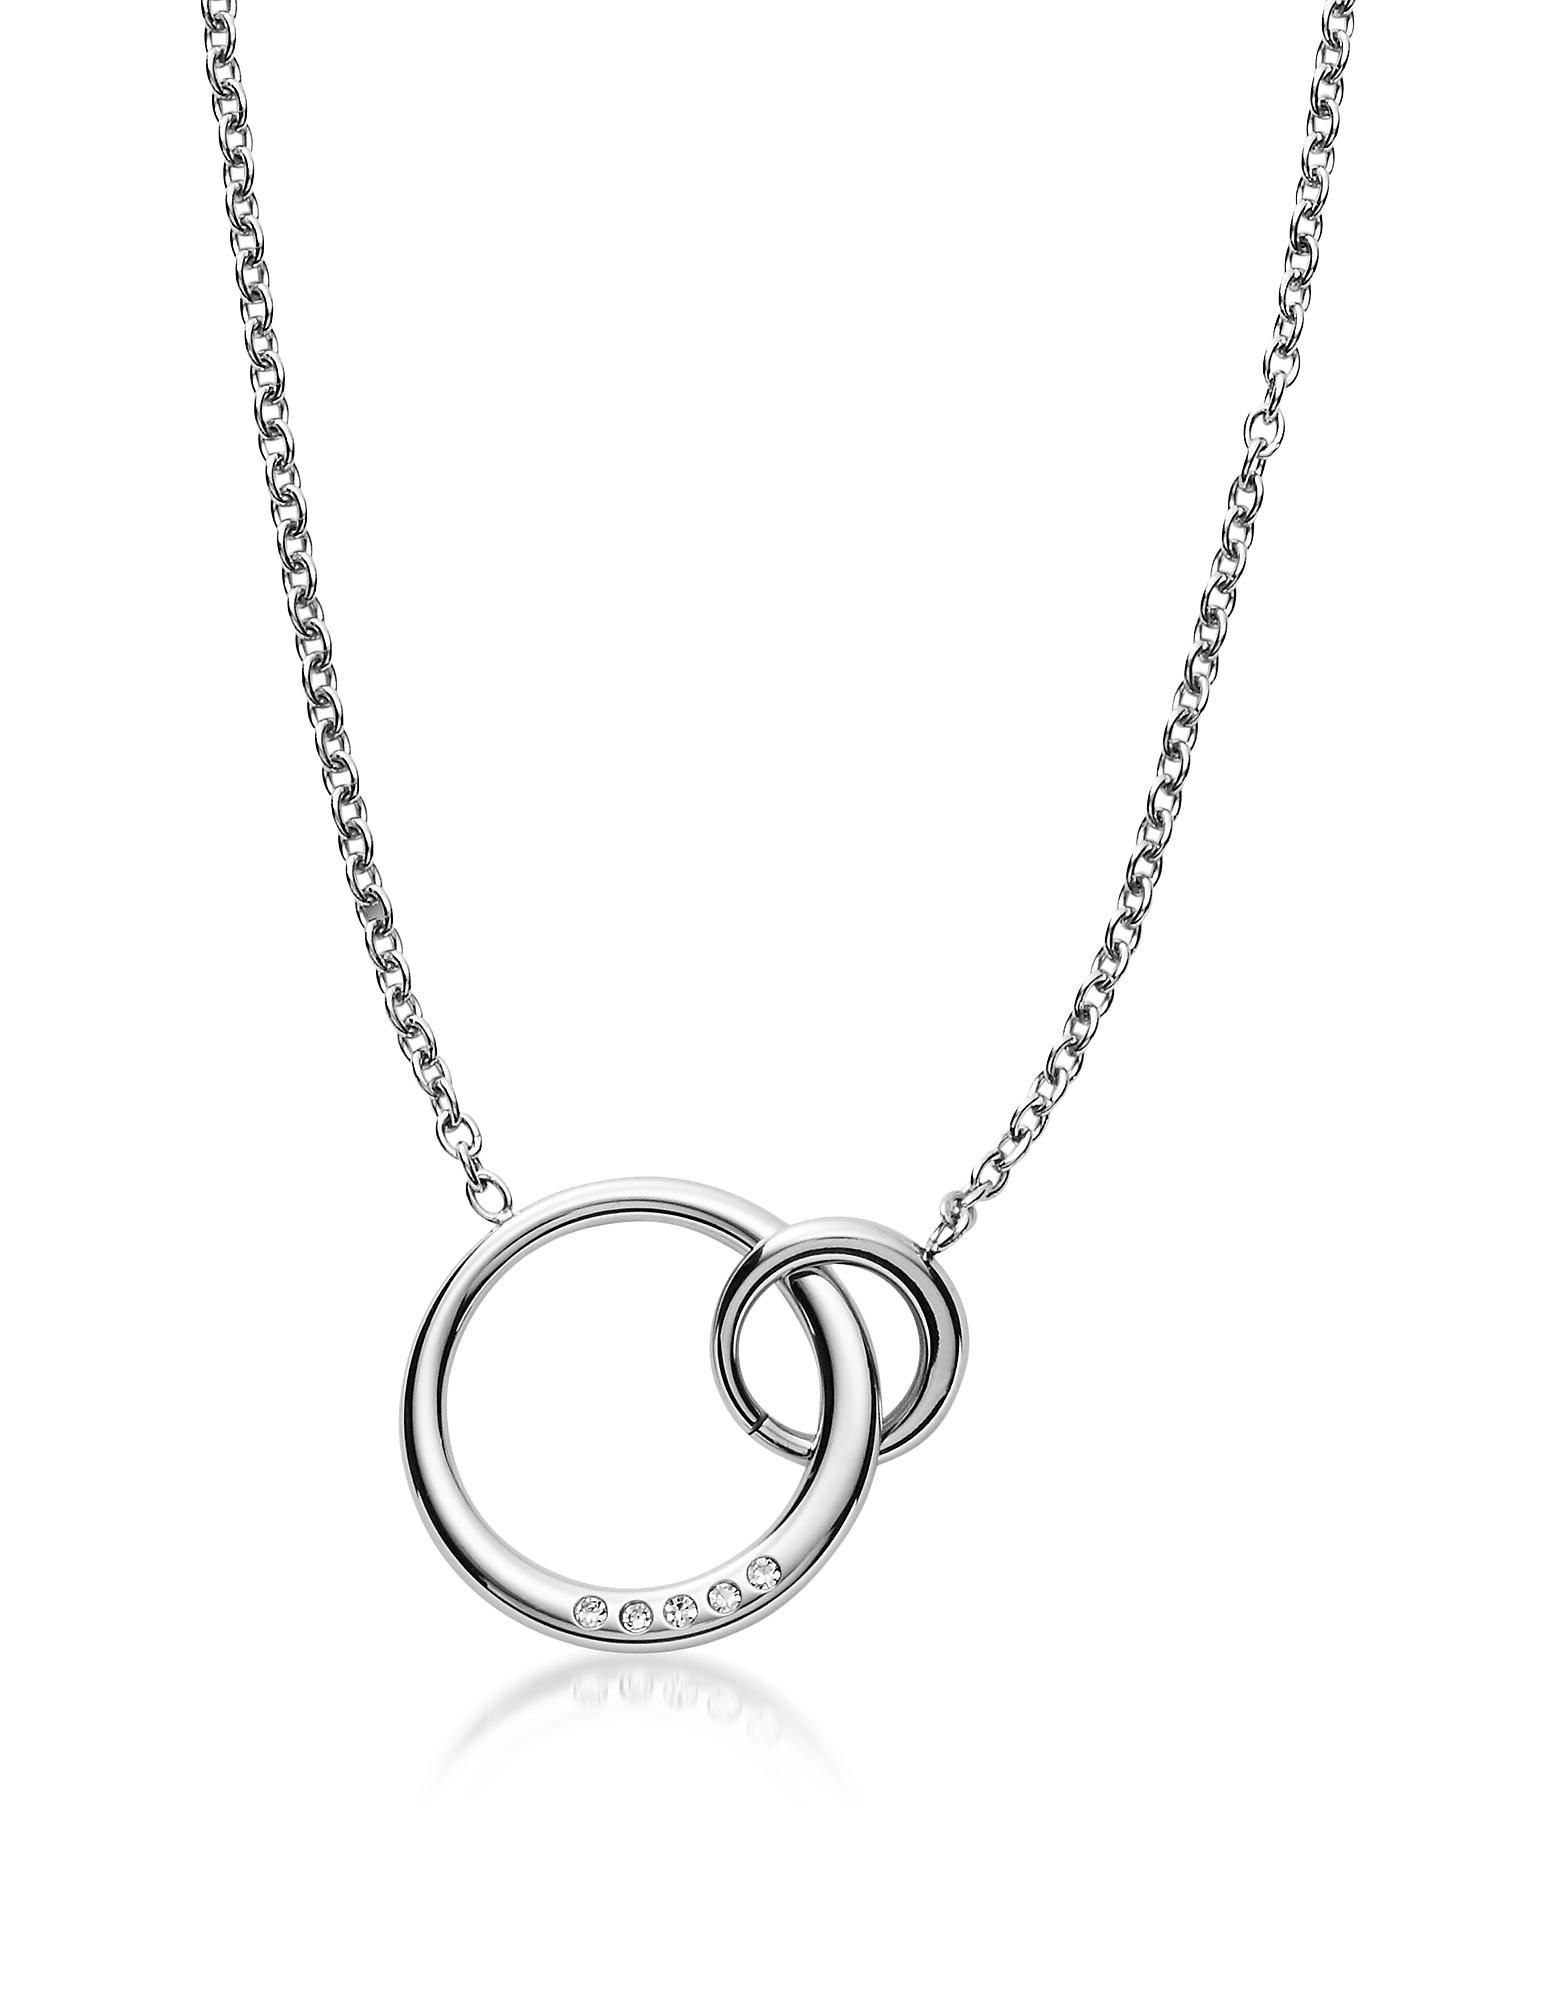 Elin Silver Tone Crystal Pendant Necklace